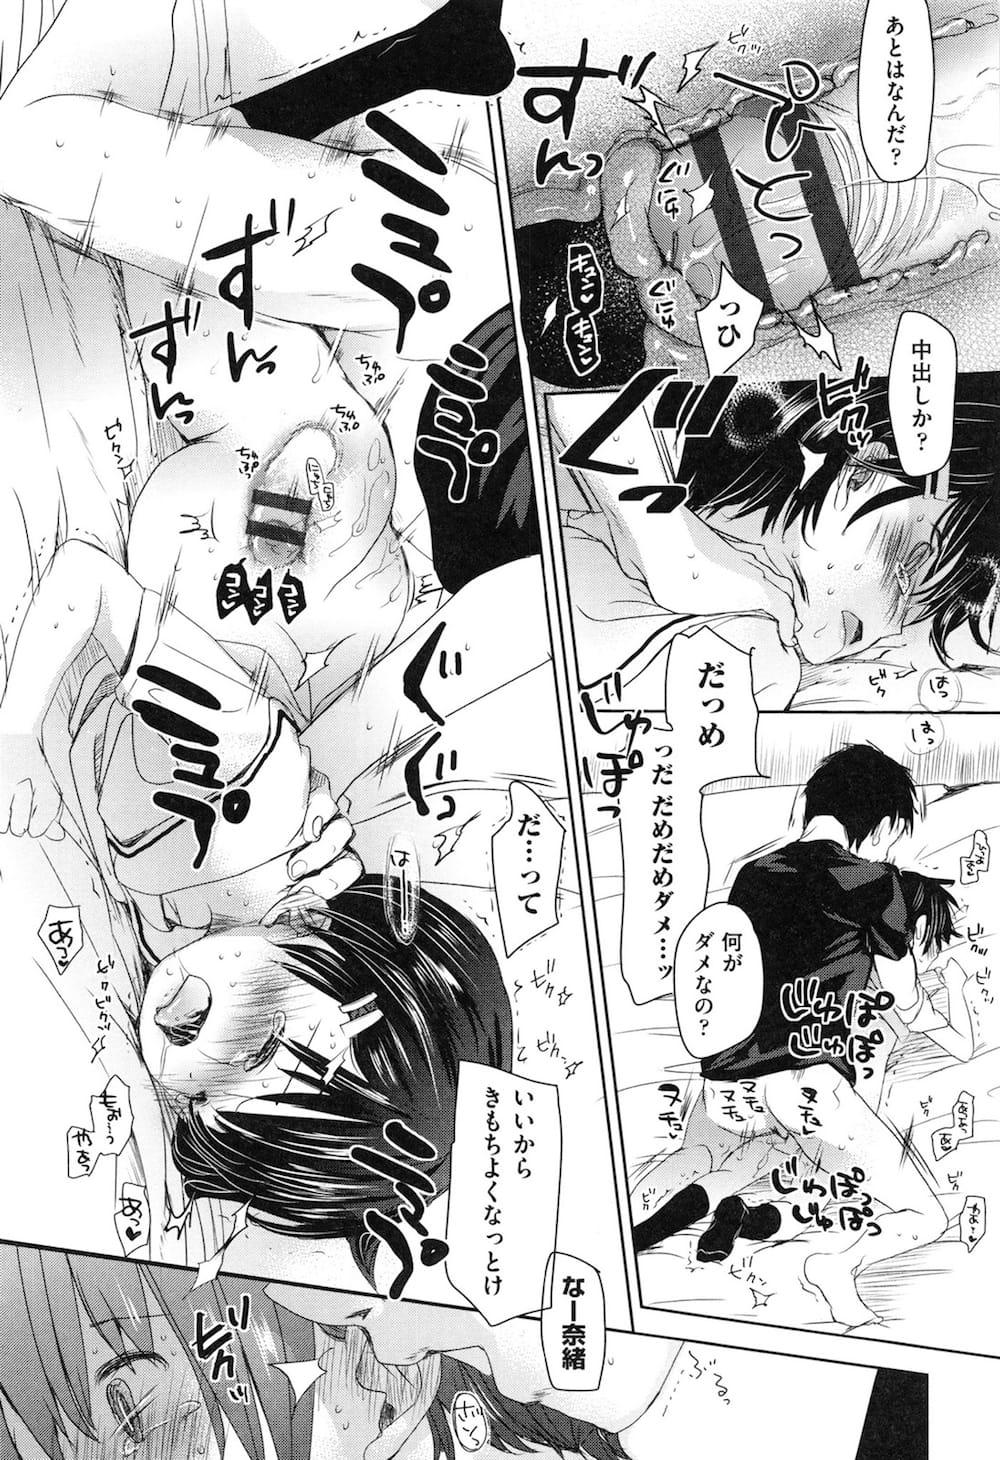 【エロ漫画】勉強会のつもりが同級生二人が暴走して犯されちゃうショトカJC!強がるJCは処女だと言えずに童貞チンポをねじ込まれる!こんな初体験は如何でしょう?【岡田コウ】